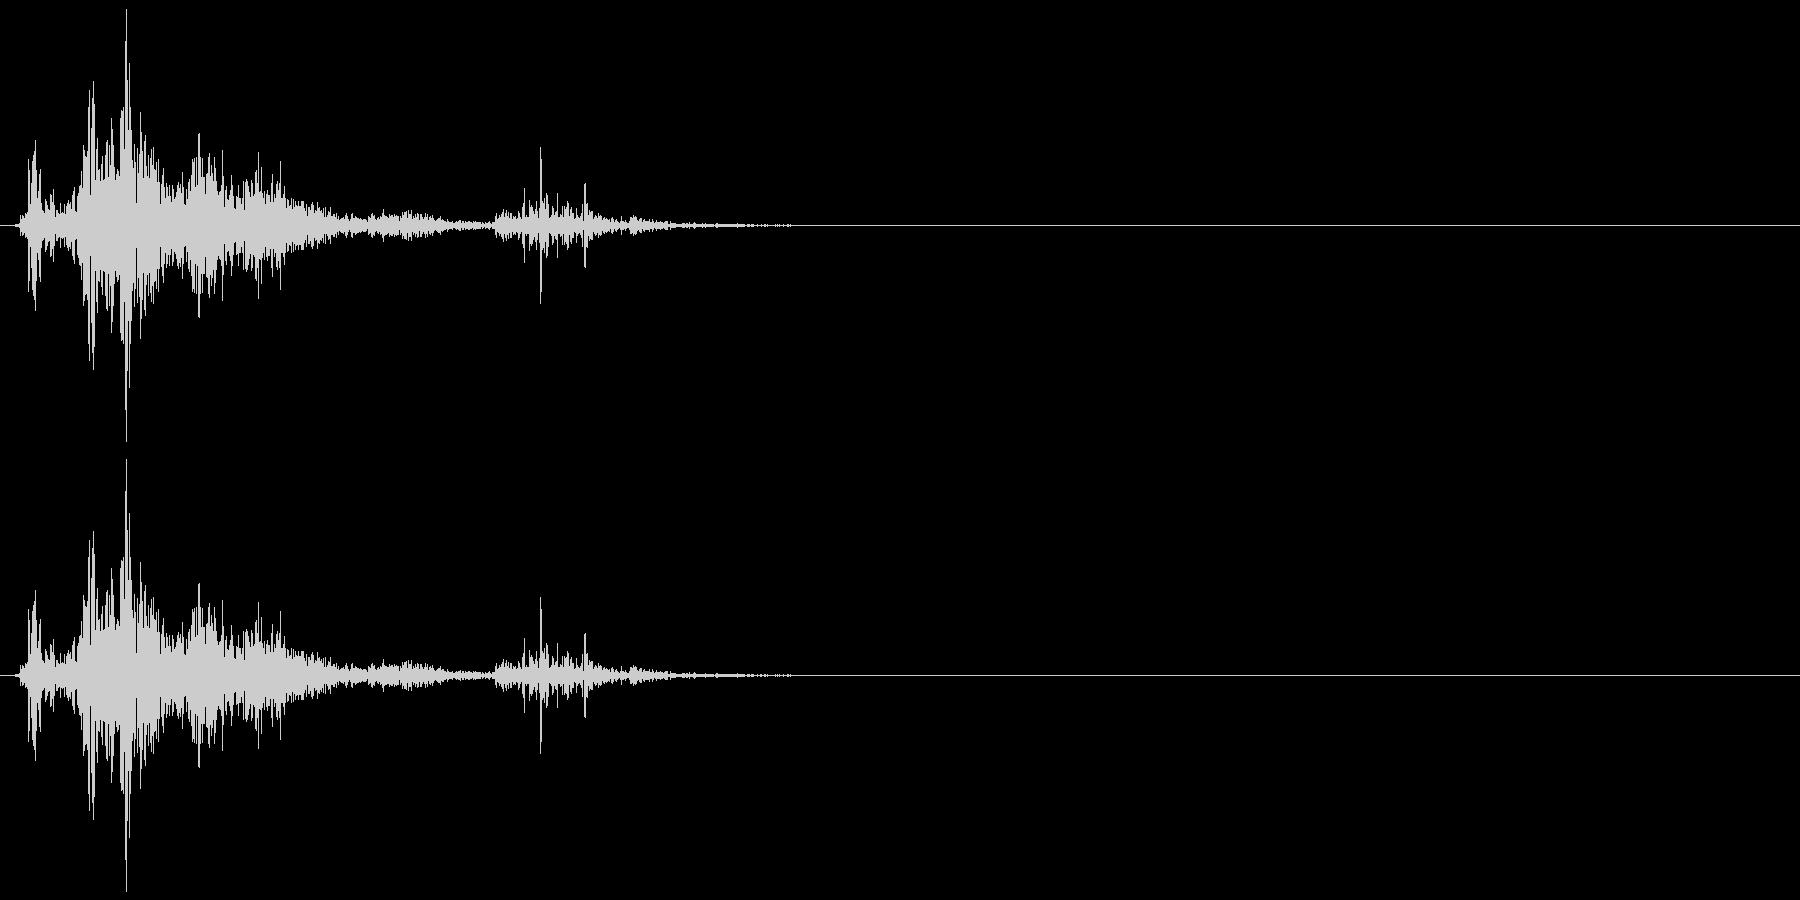 ドサッ(人が倒れる音)01の未再生の波形